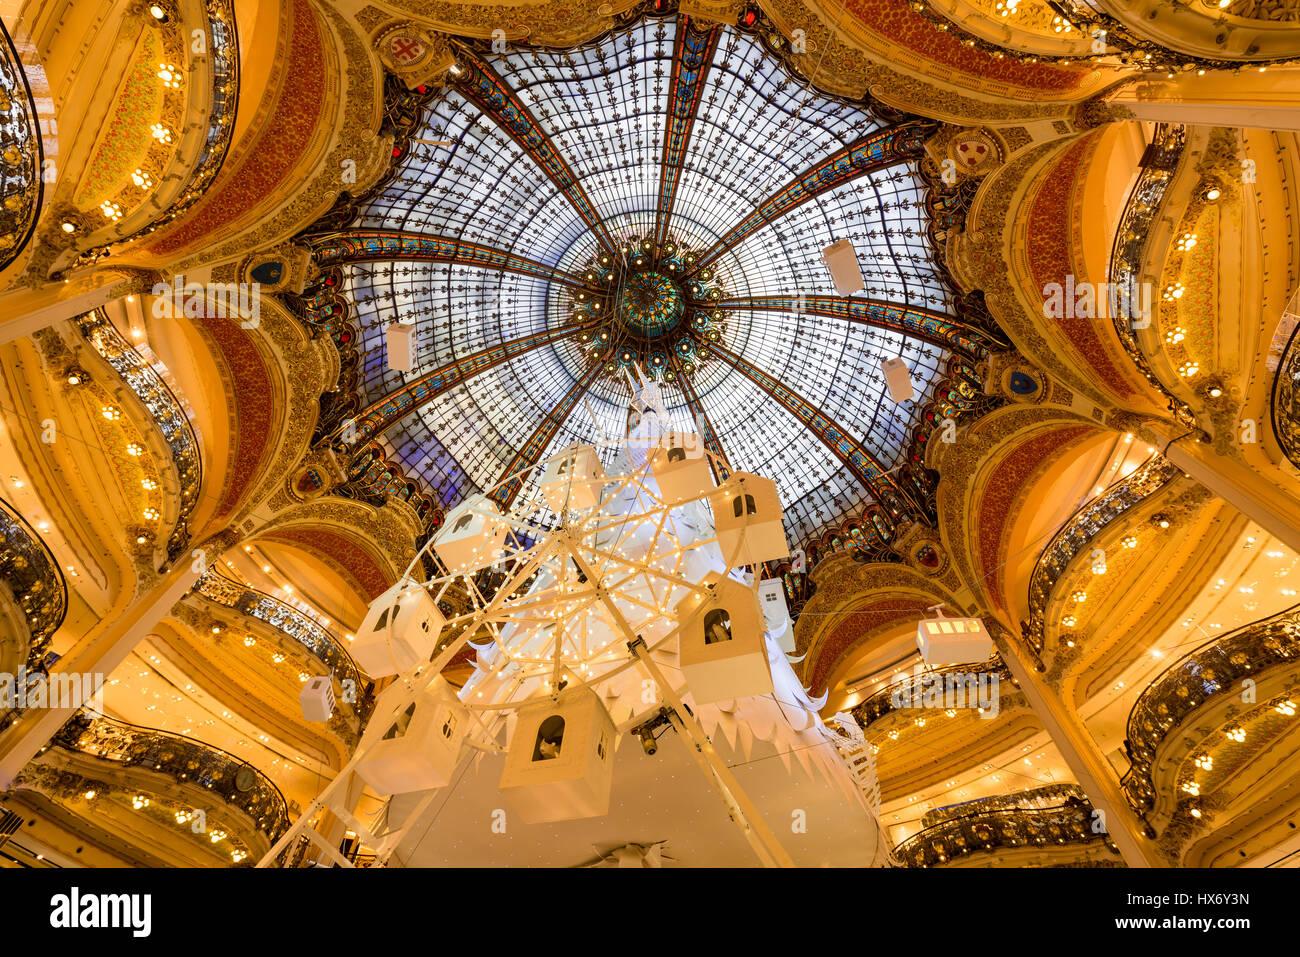 Gallerie Lafayette Haussman interno con cupola di vetro a Natale. Parigi, Francia Immagini Stock